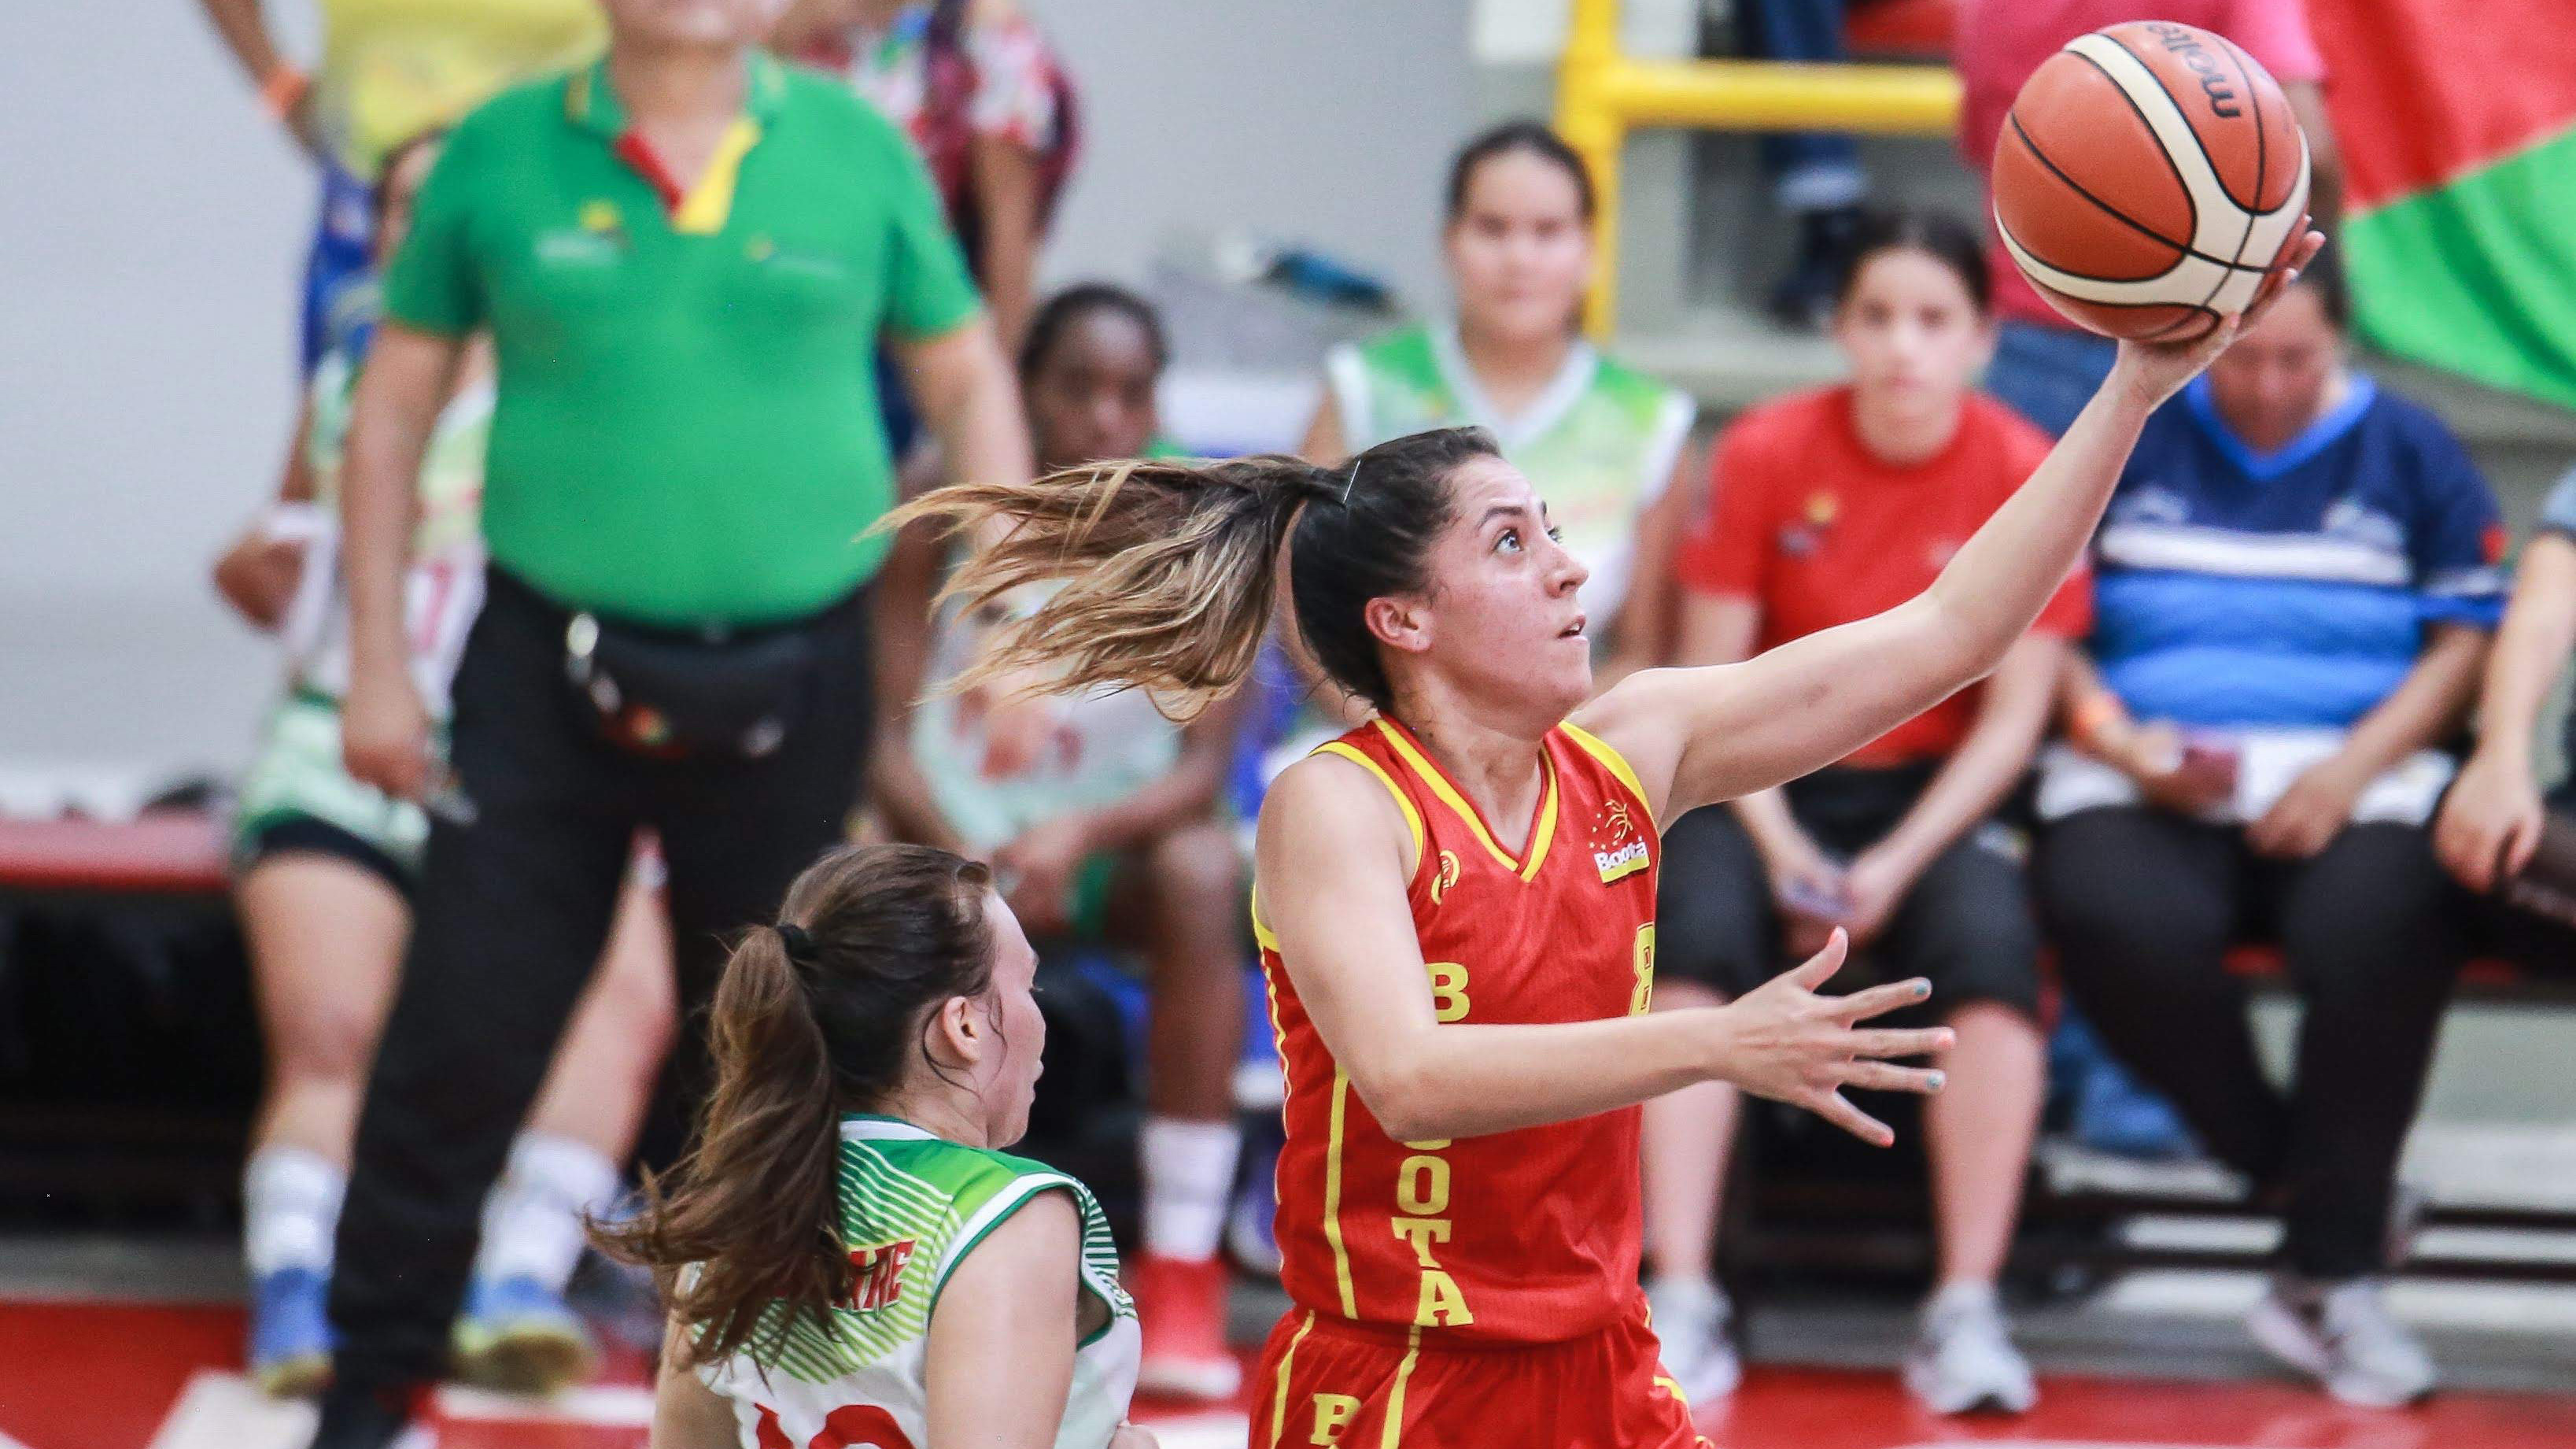 Deporte y pandemia - Cap 11: Así vive la basquetbolista Gina Usme este tiempo de cuarentena